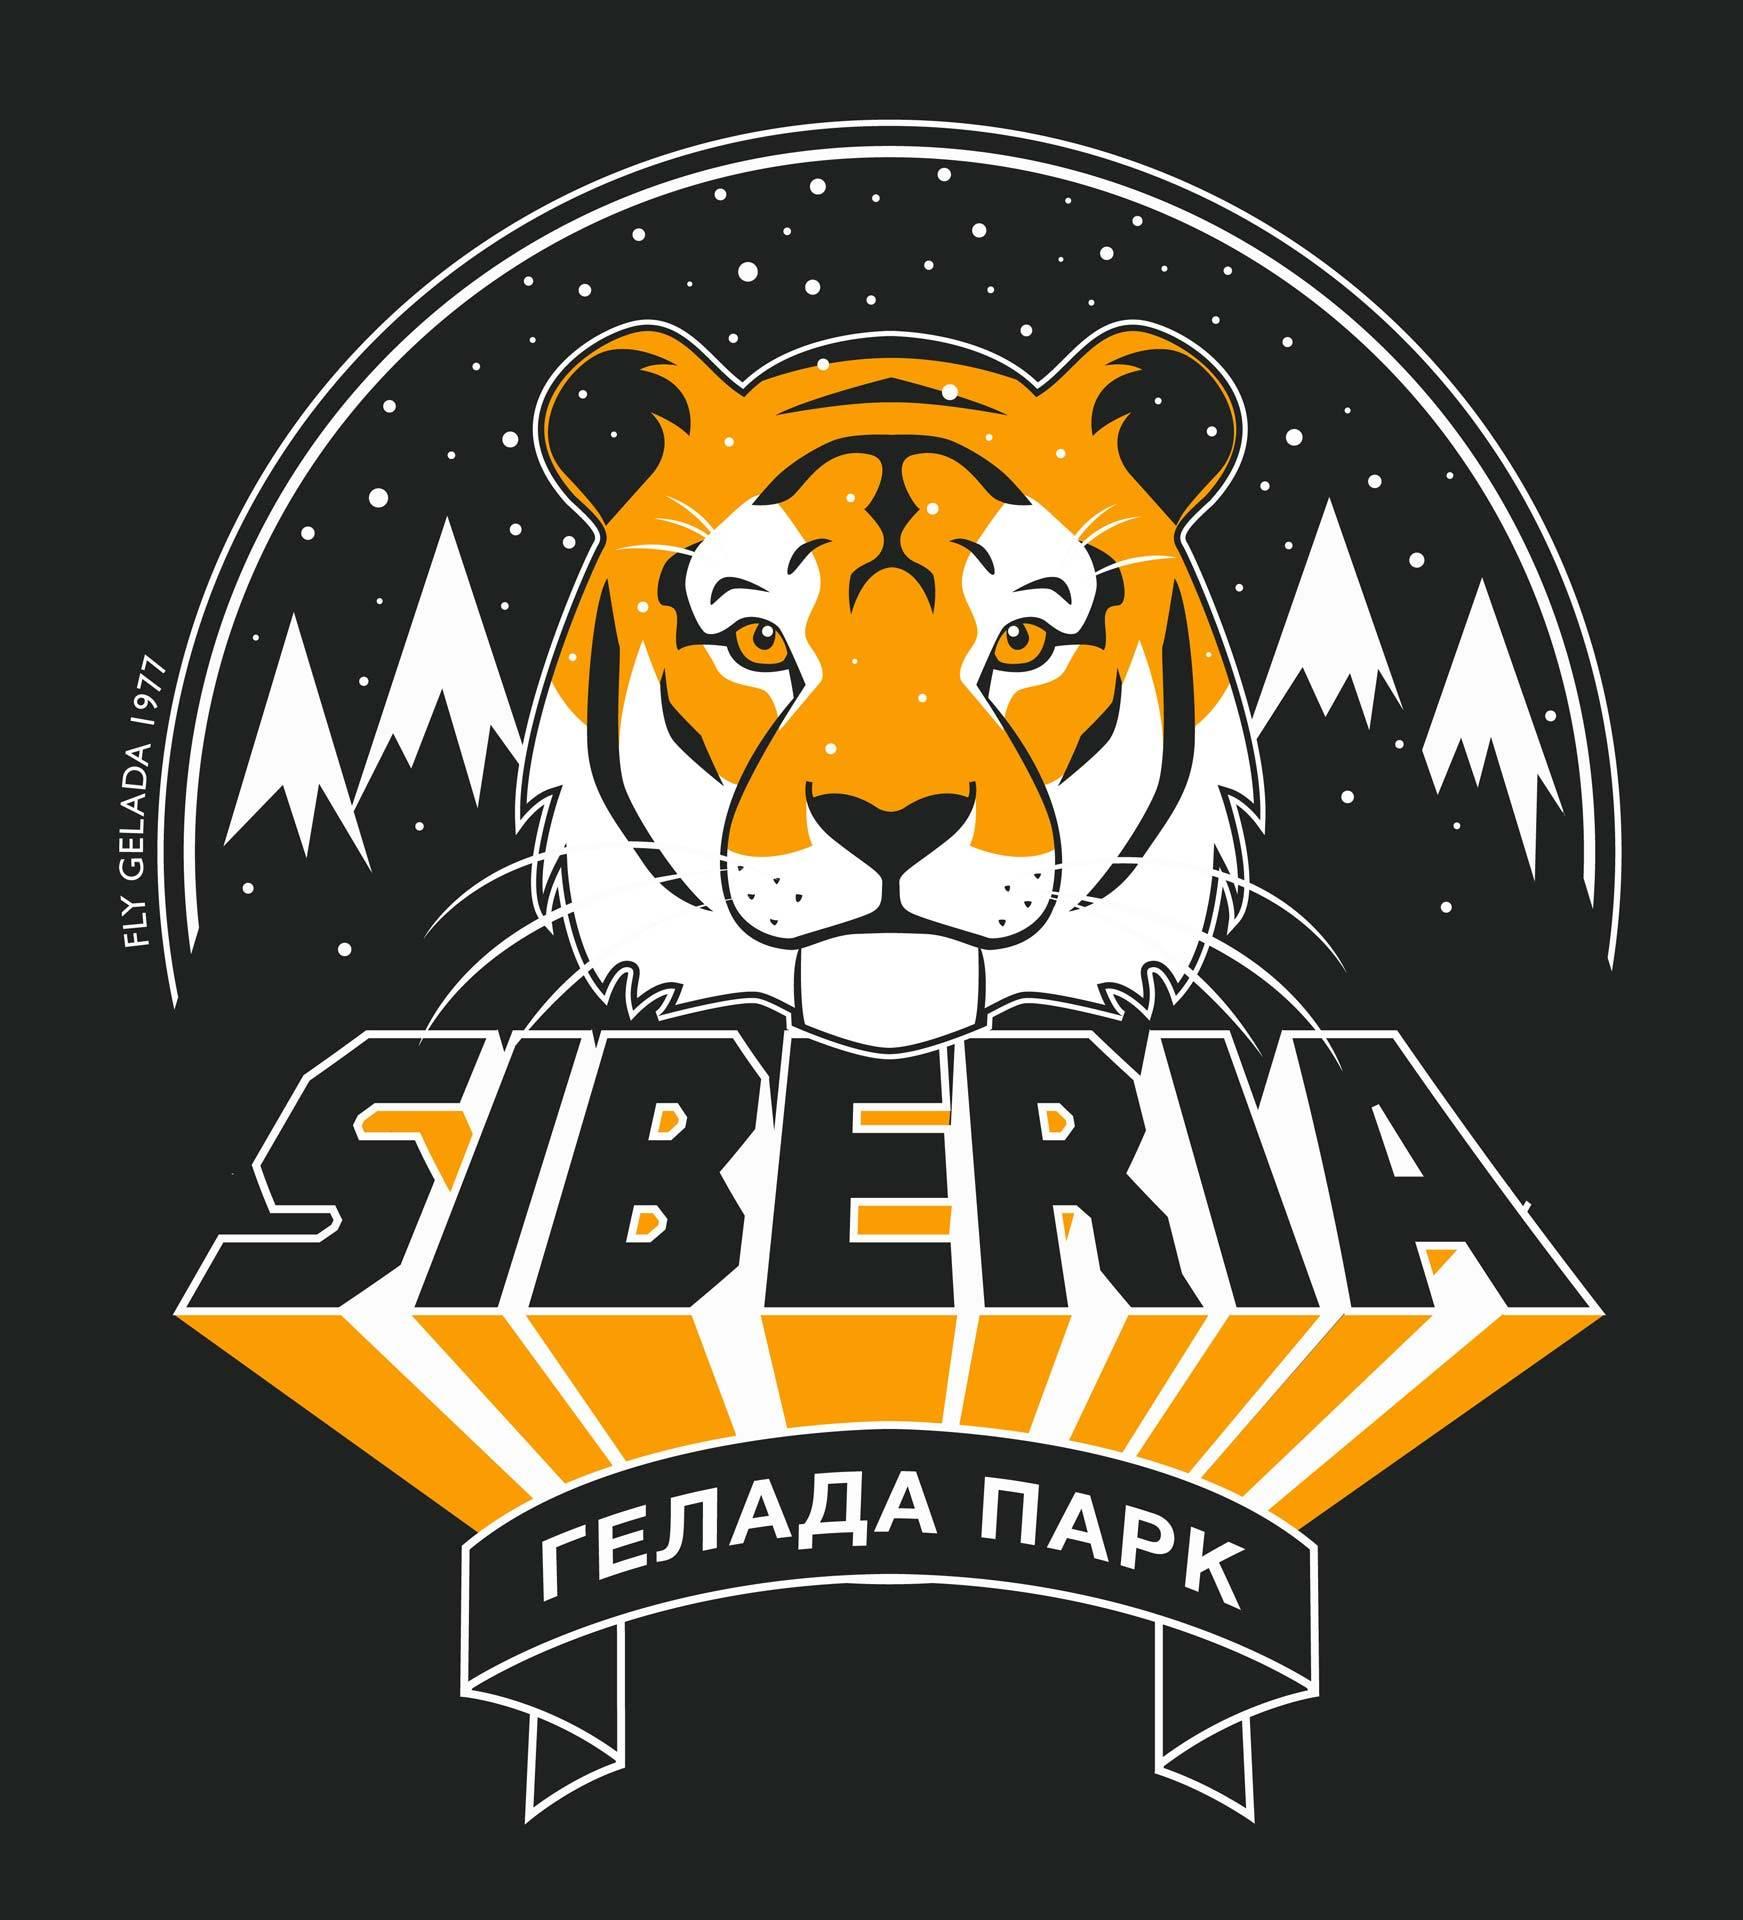 siberia_T